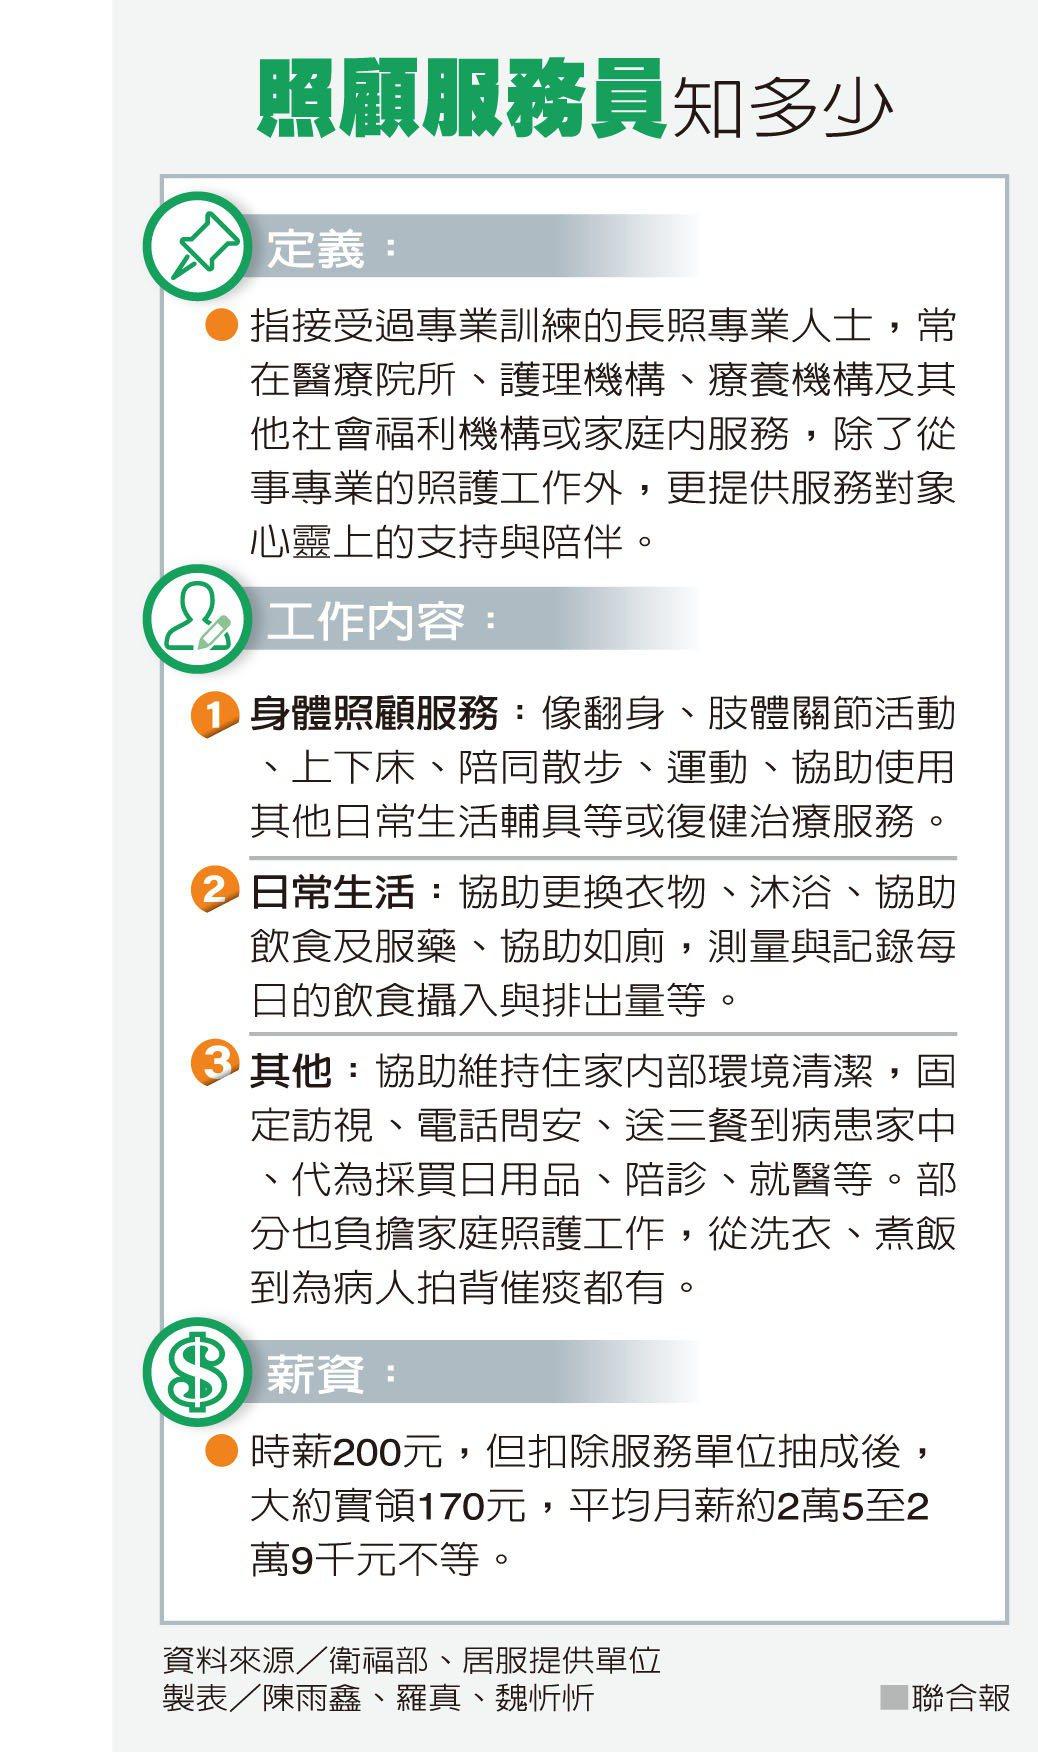 照顧服務員知多少資料來源/衛福部、居服提供單位 製表/陳雨鑫、羅真、魏忻忻